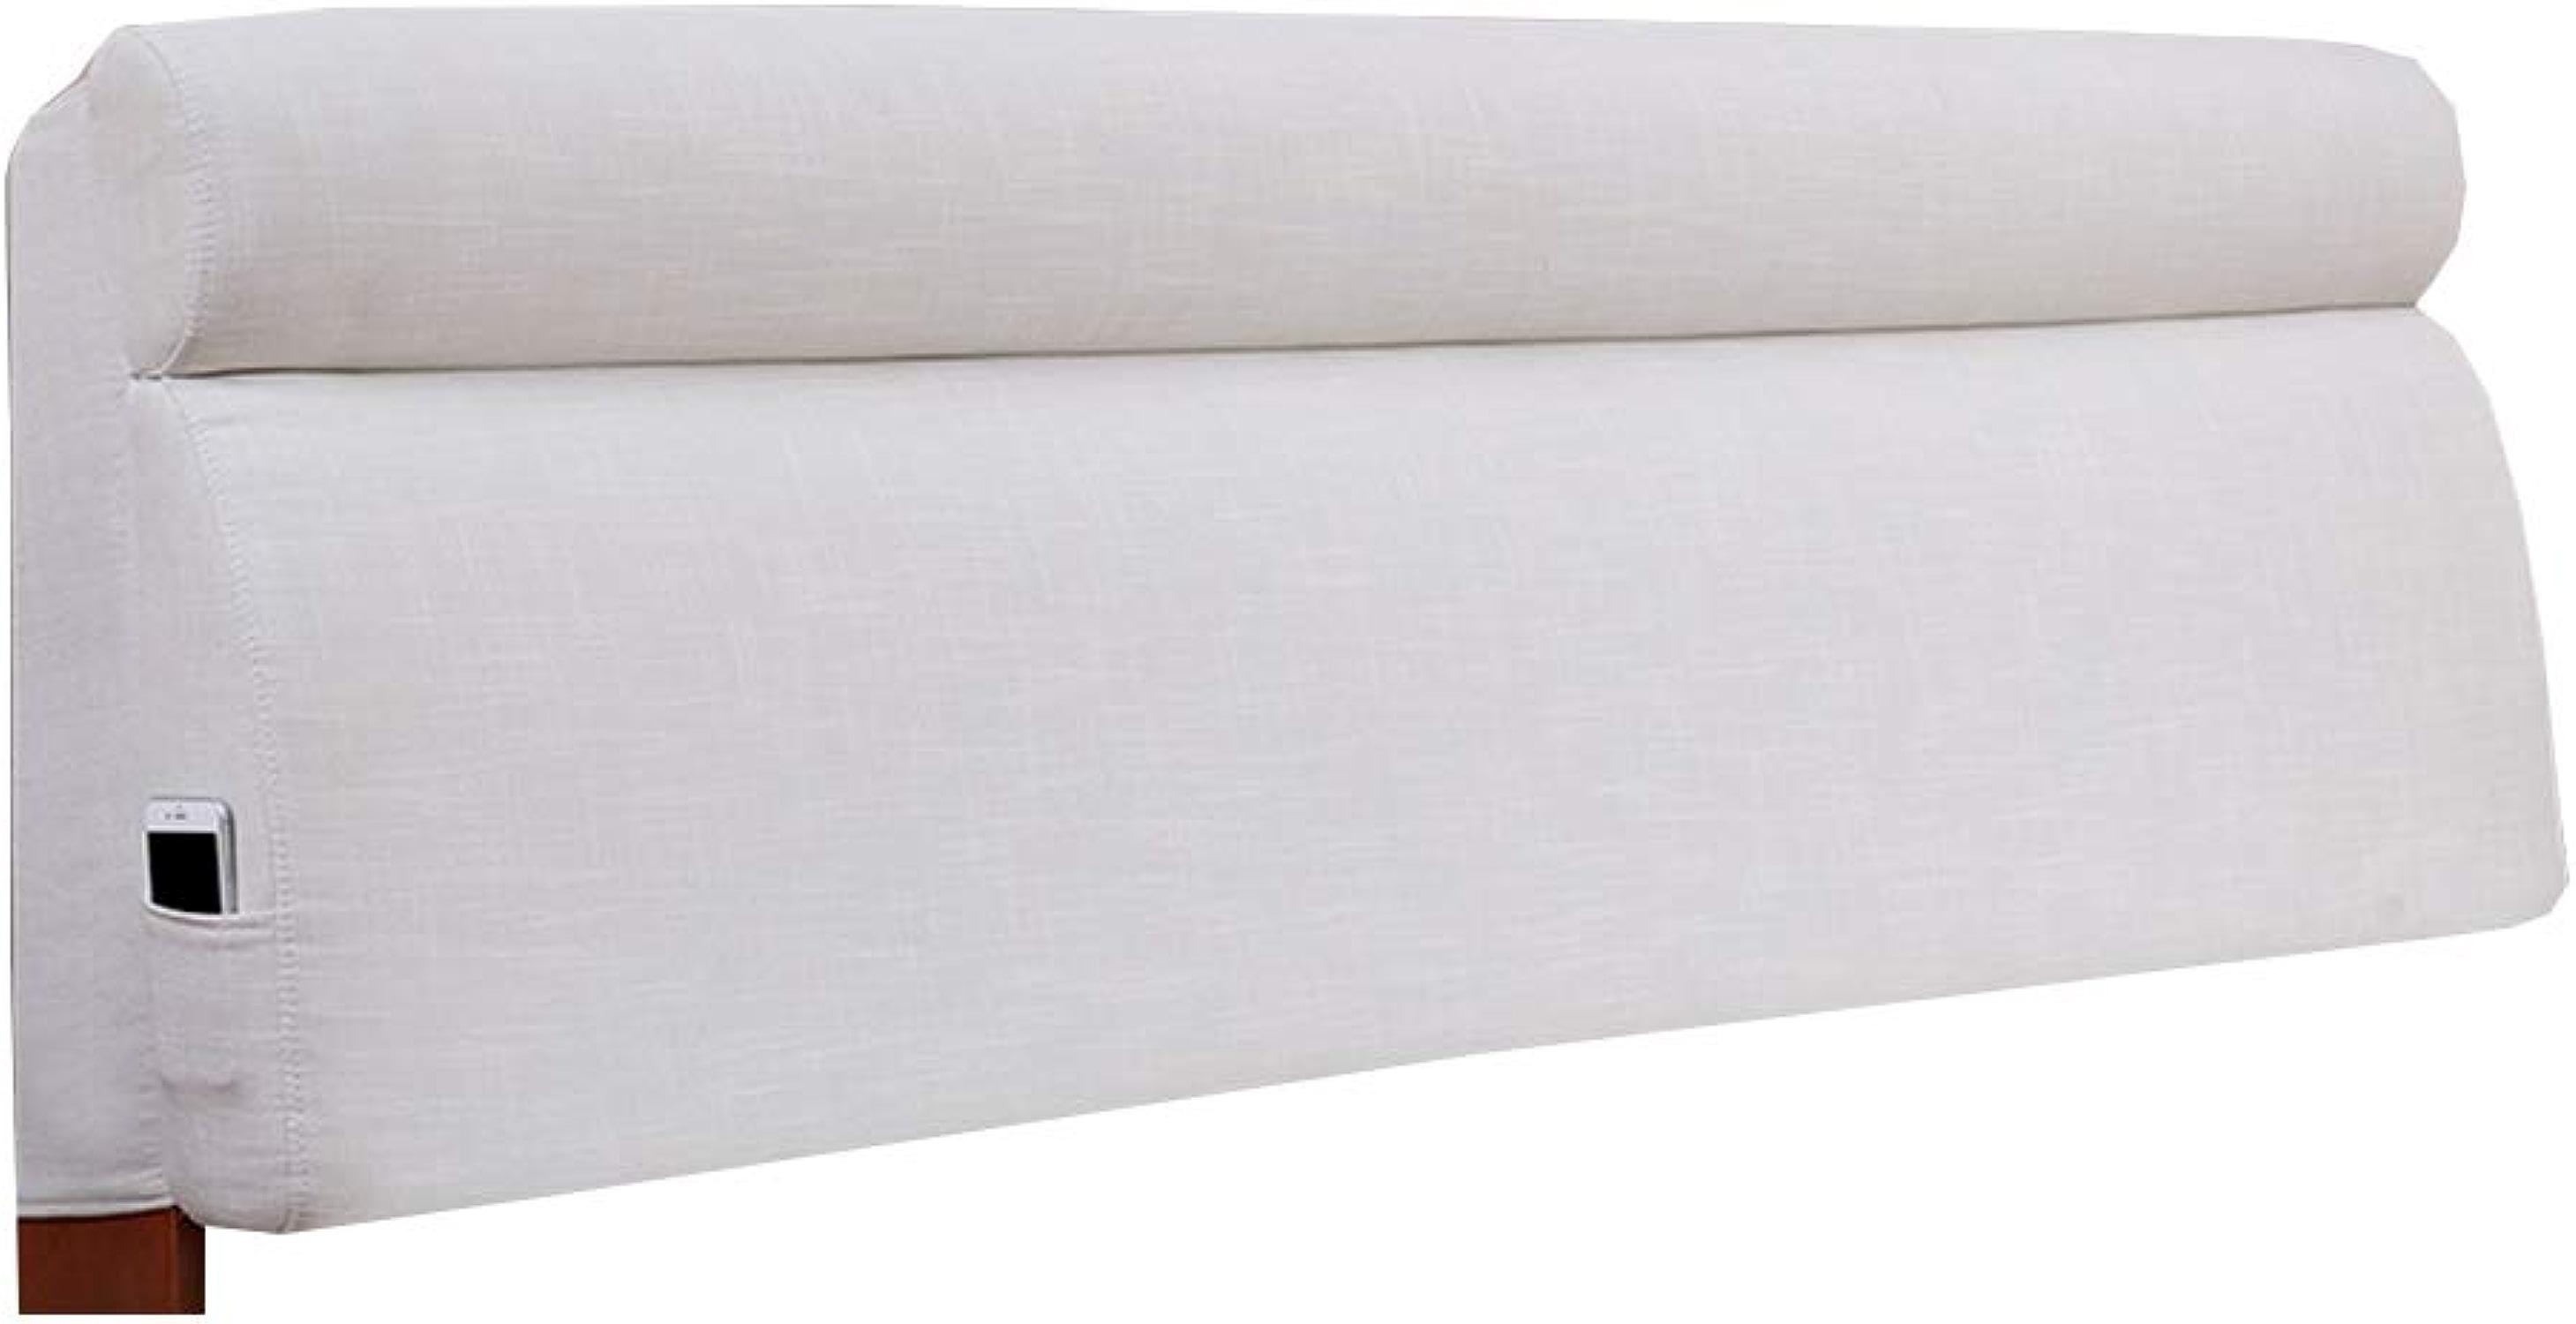 FLHSLY Coussin de Chevet, Oreiller de Lecture Lin Tête de lit étui Souple (avec Appui-tête) Coussin de Soucravaten Lombaire Grand Dossier,blanc,150  60  10cm